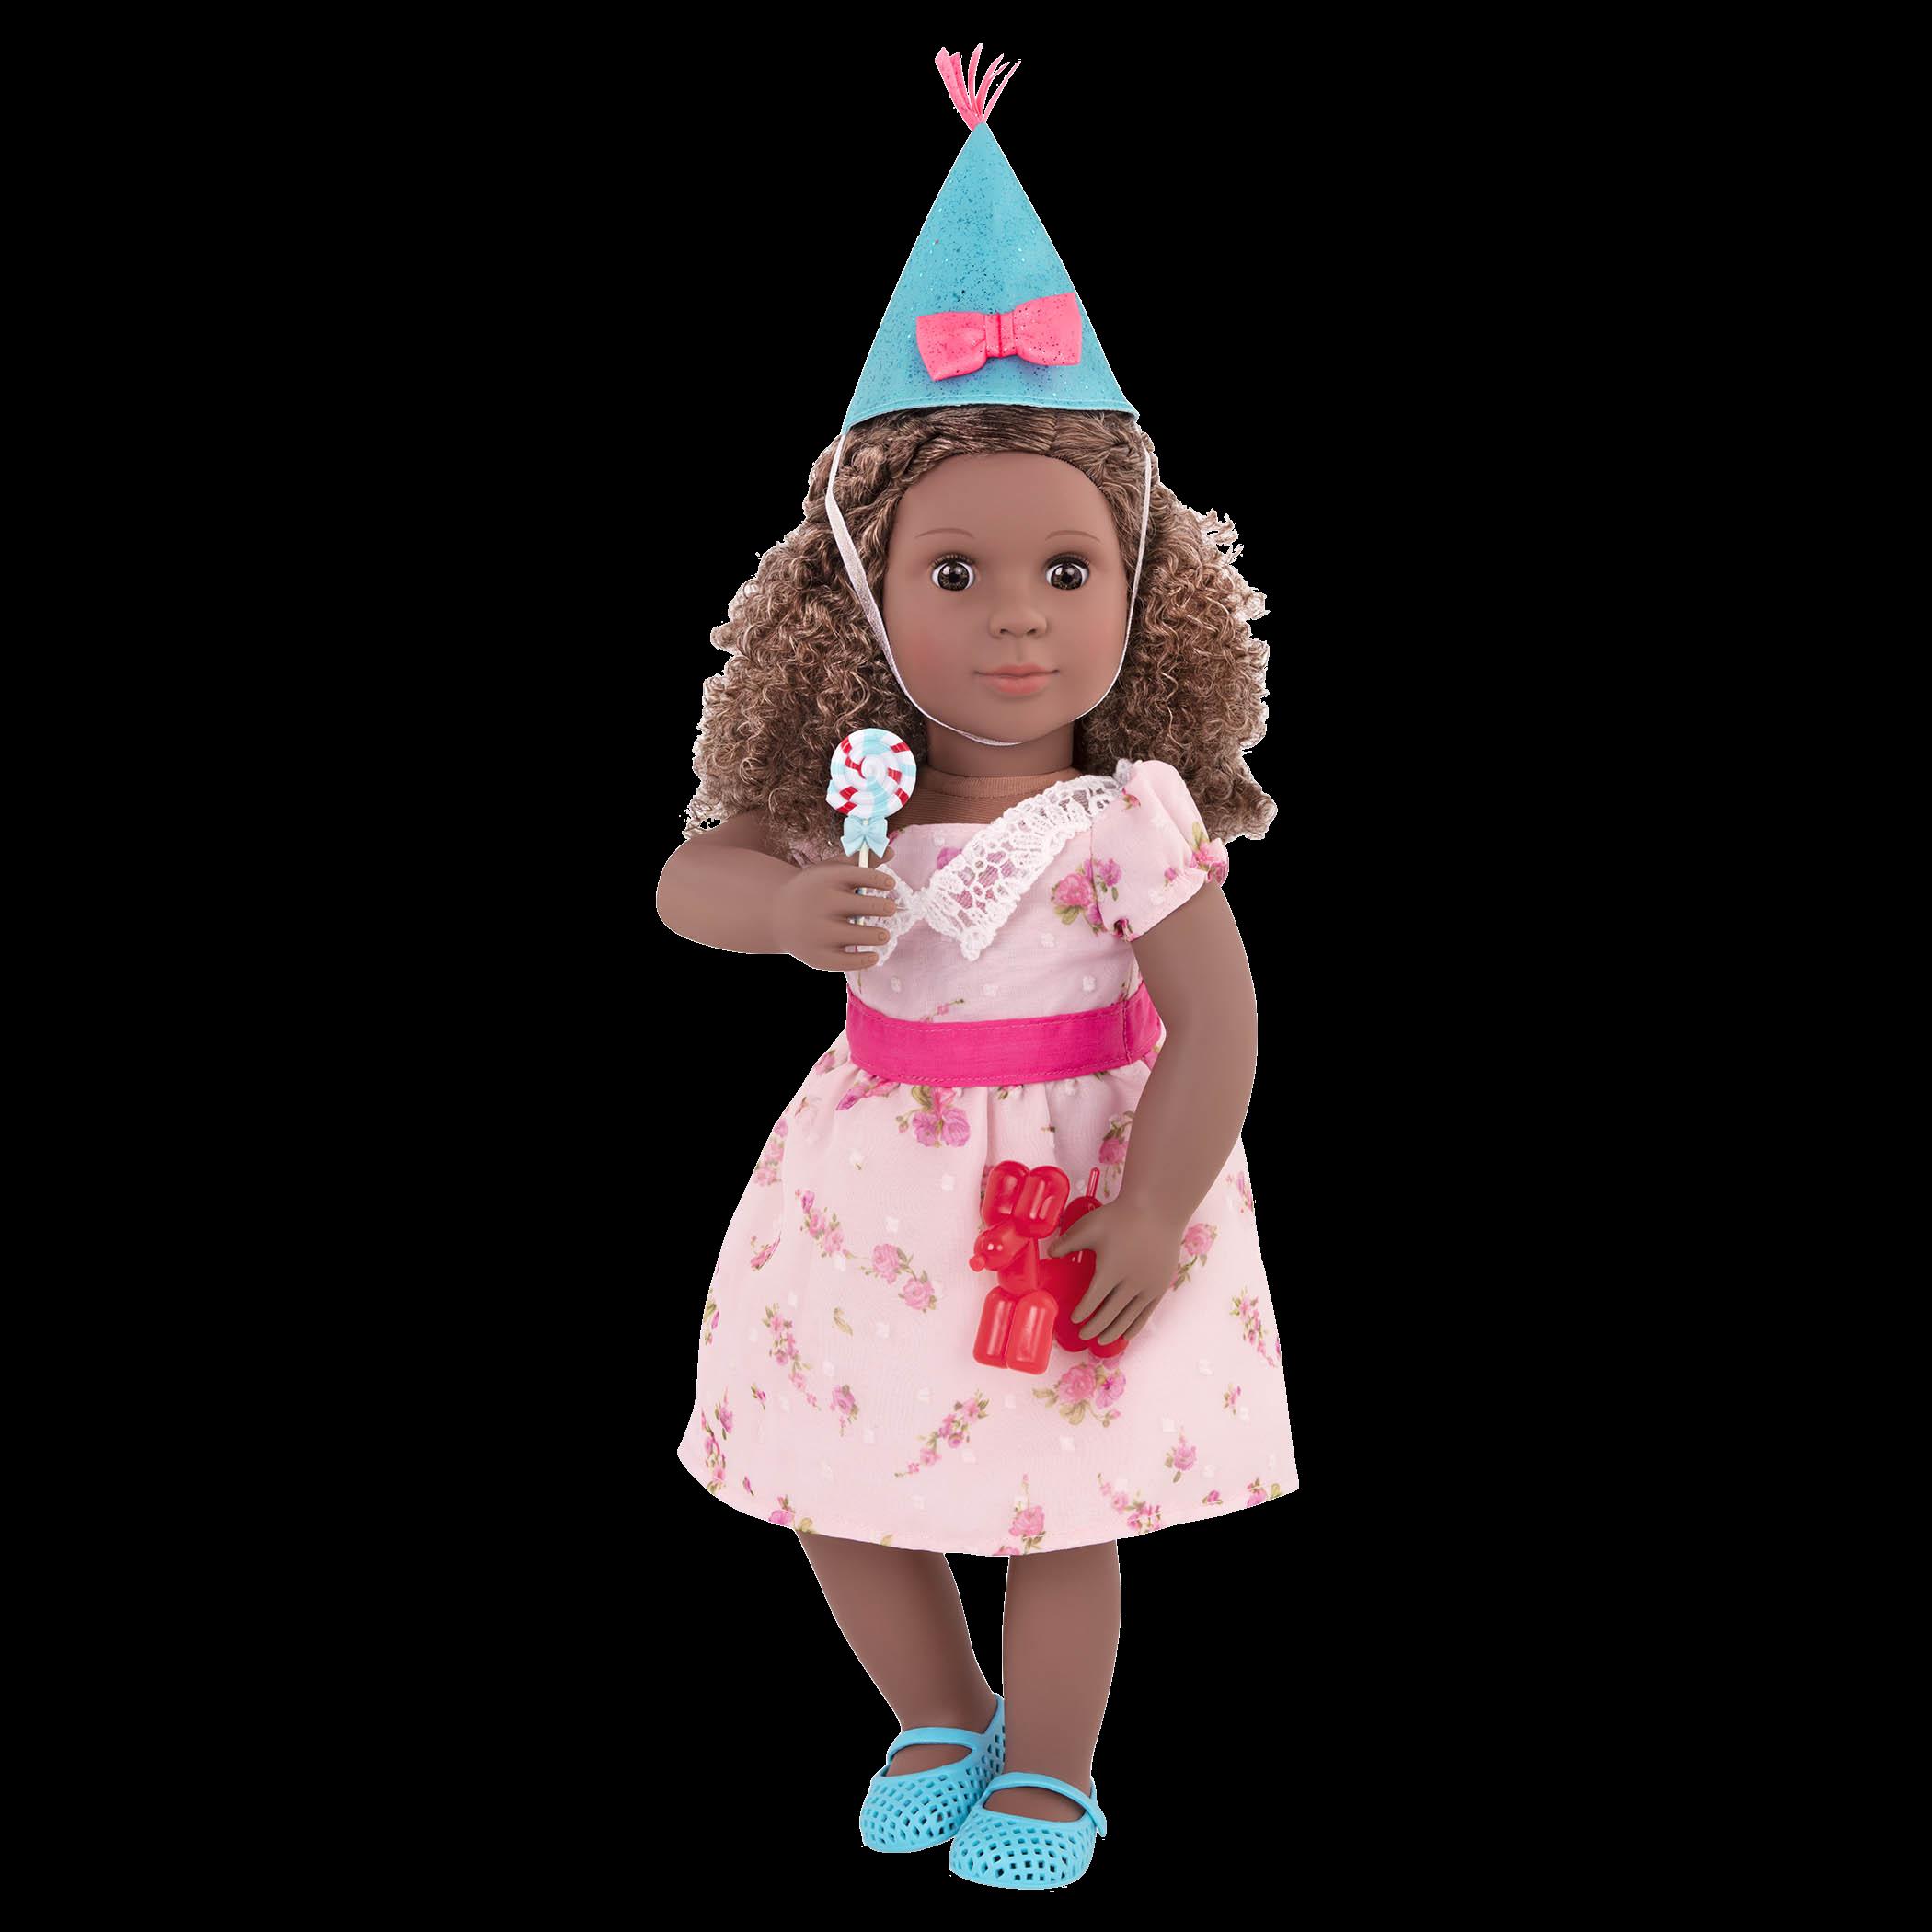 Denelle wearing Lollipop Hop holding lollipop